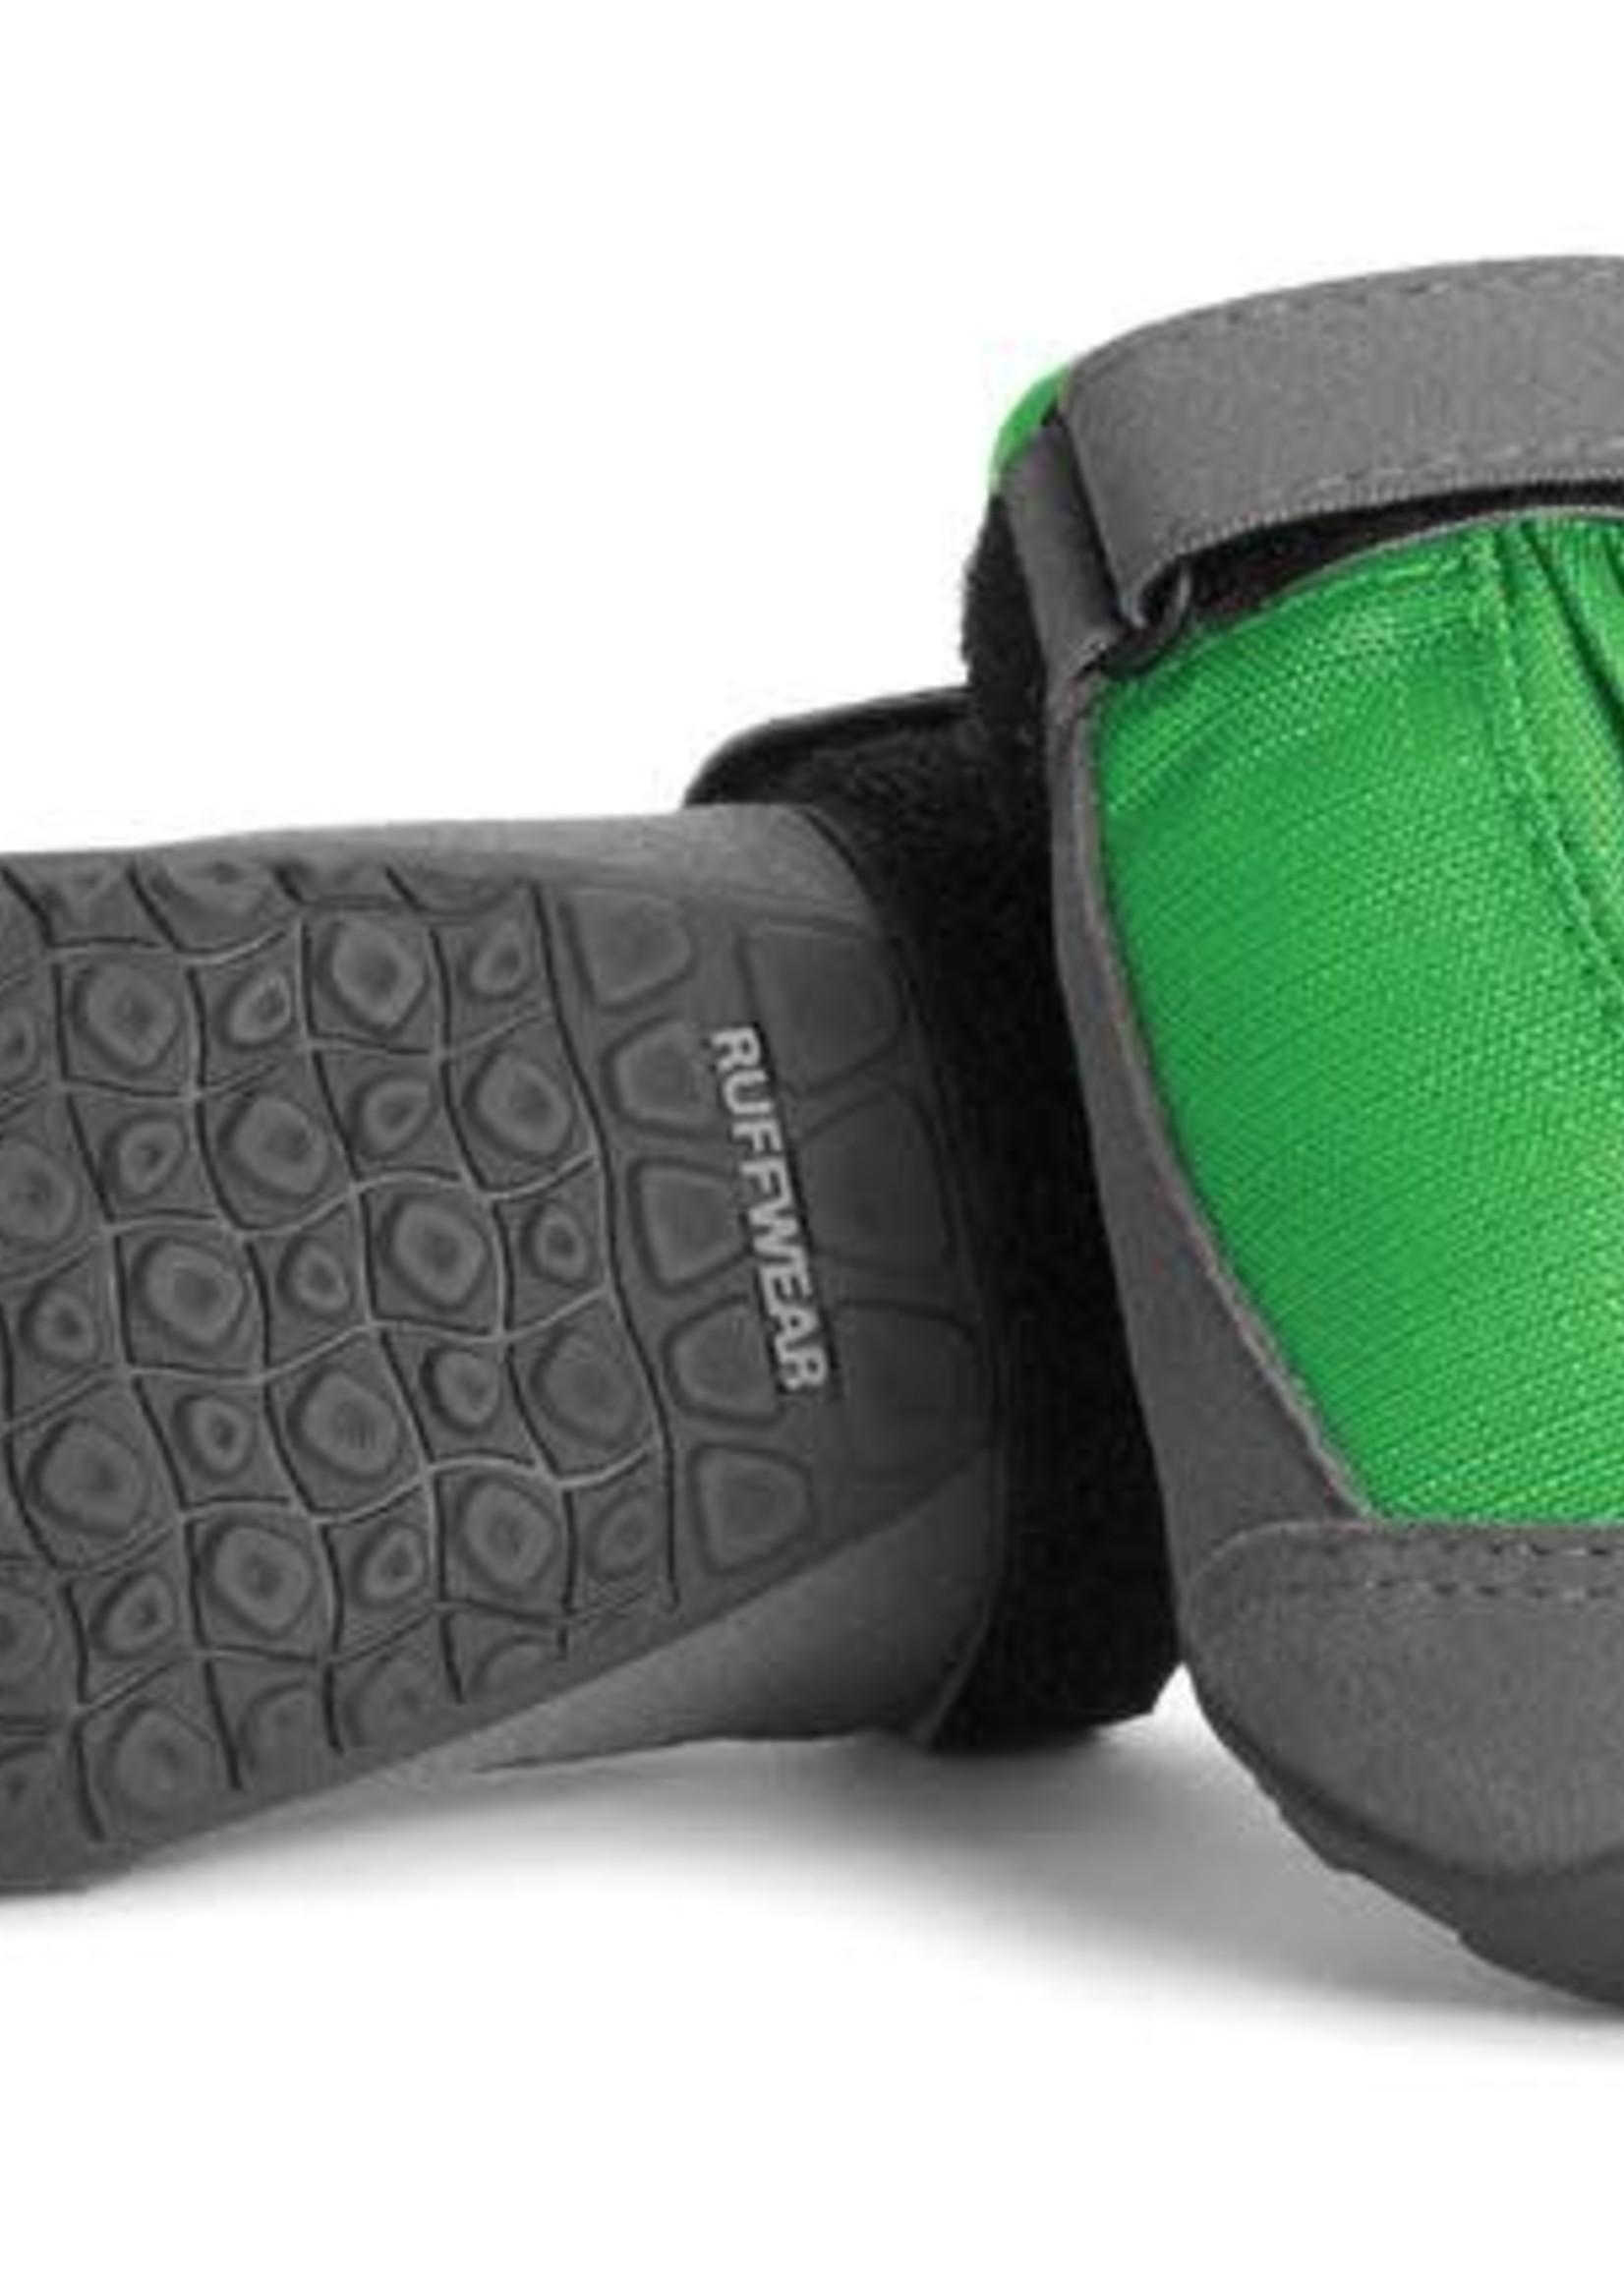 Ruffwear RuffWear Boots Summit Trex PAIR